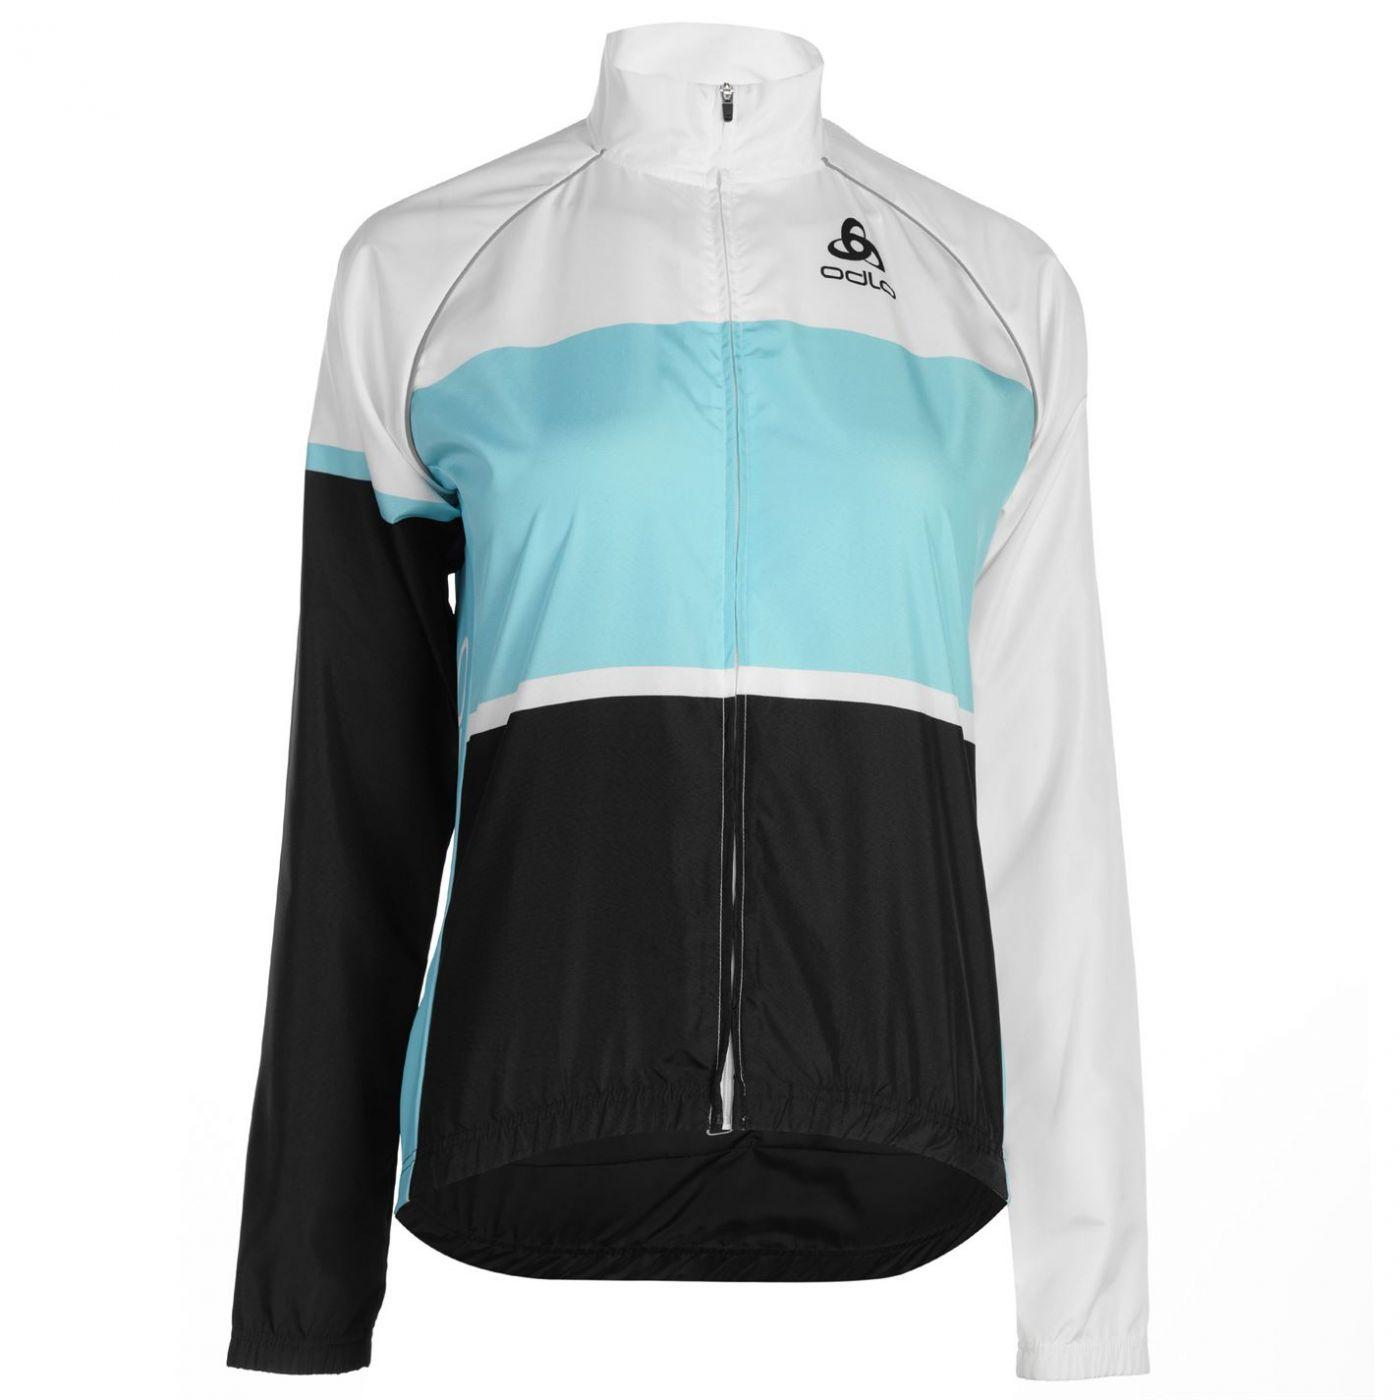 Odlo Cycle Jacket